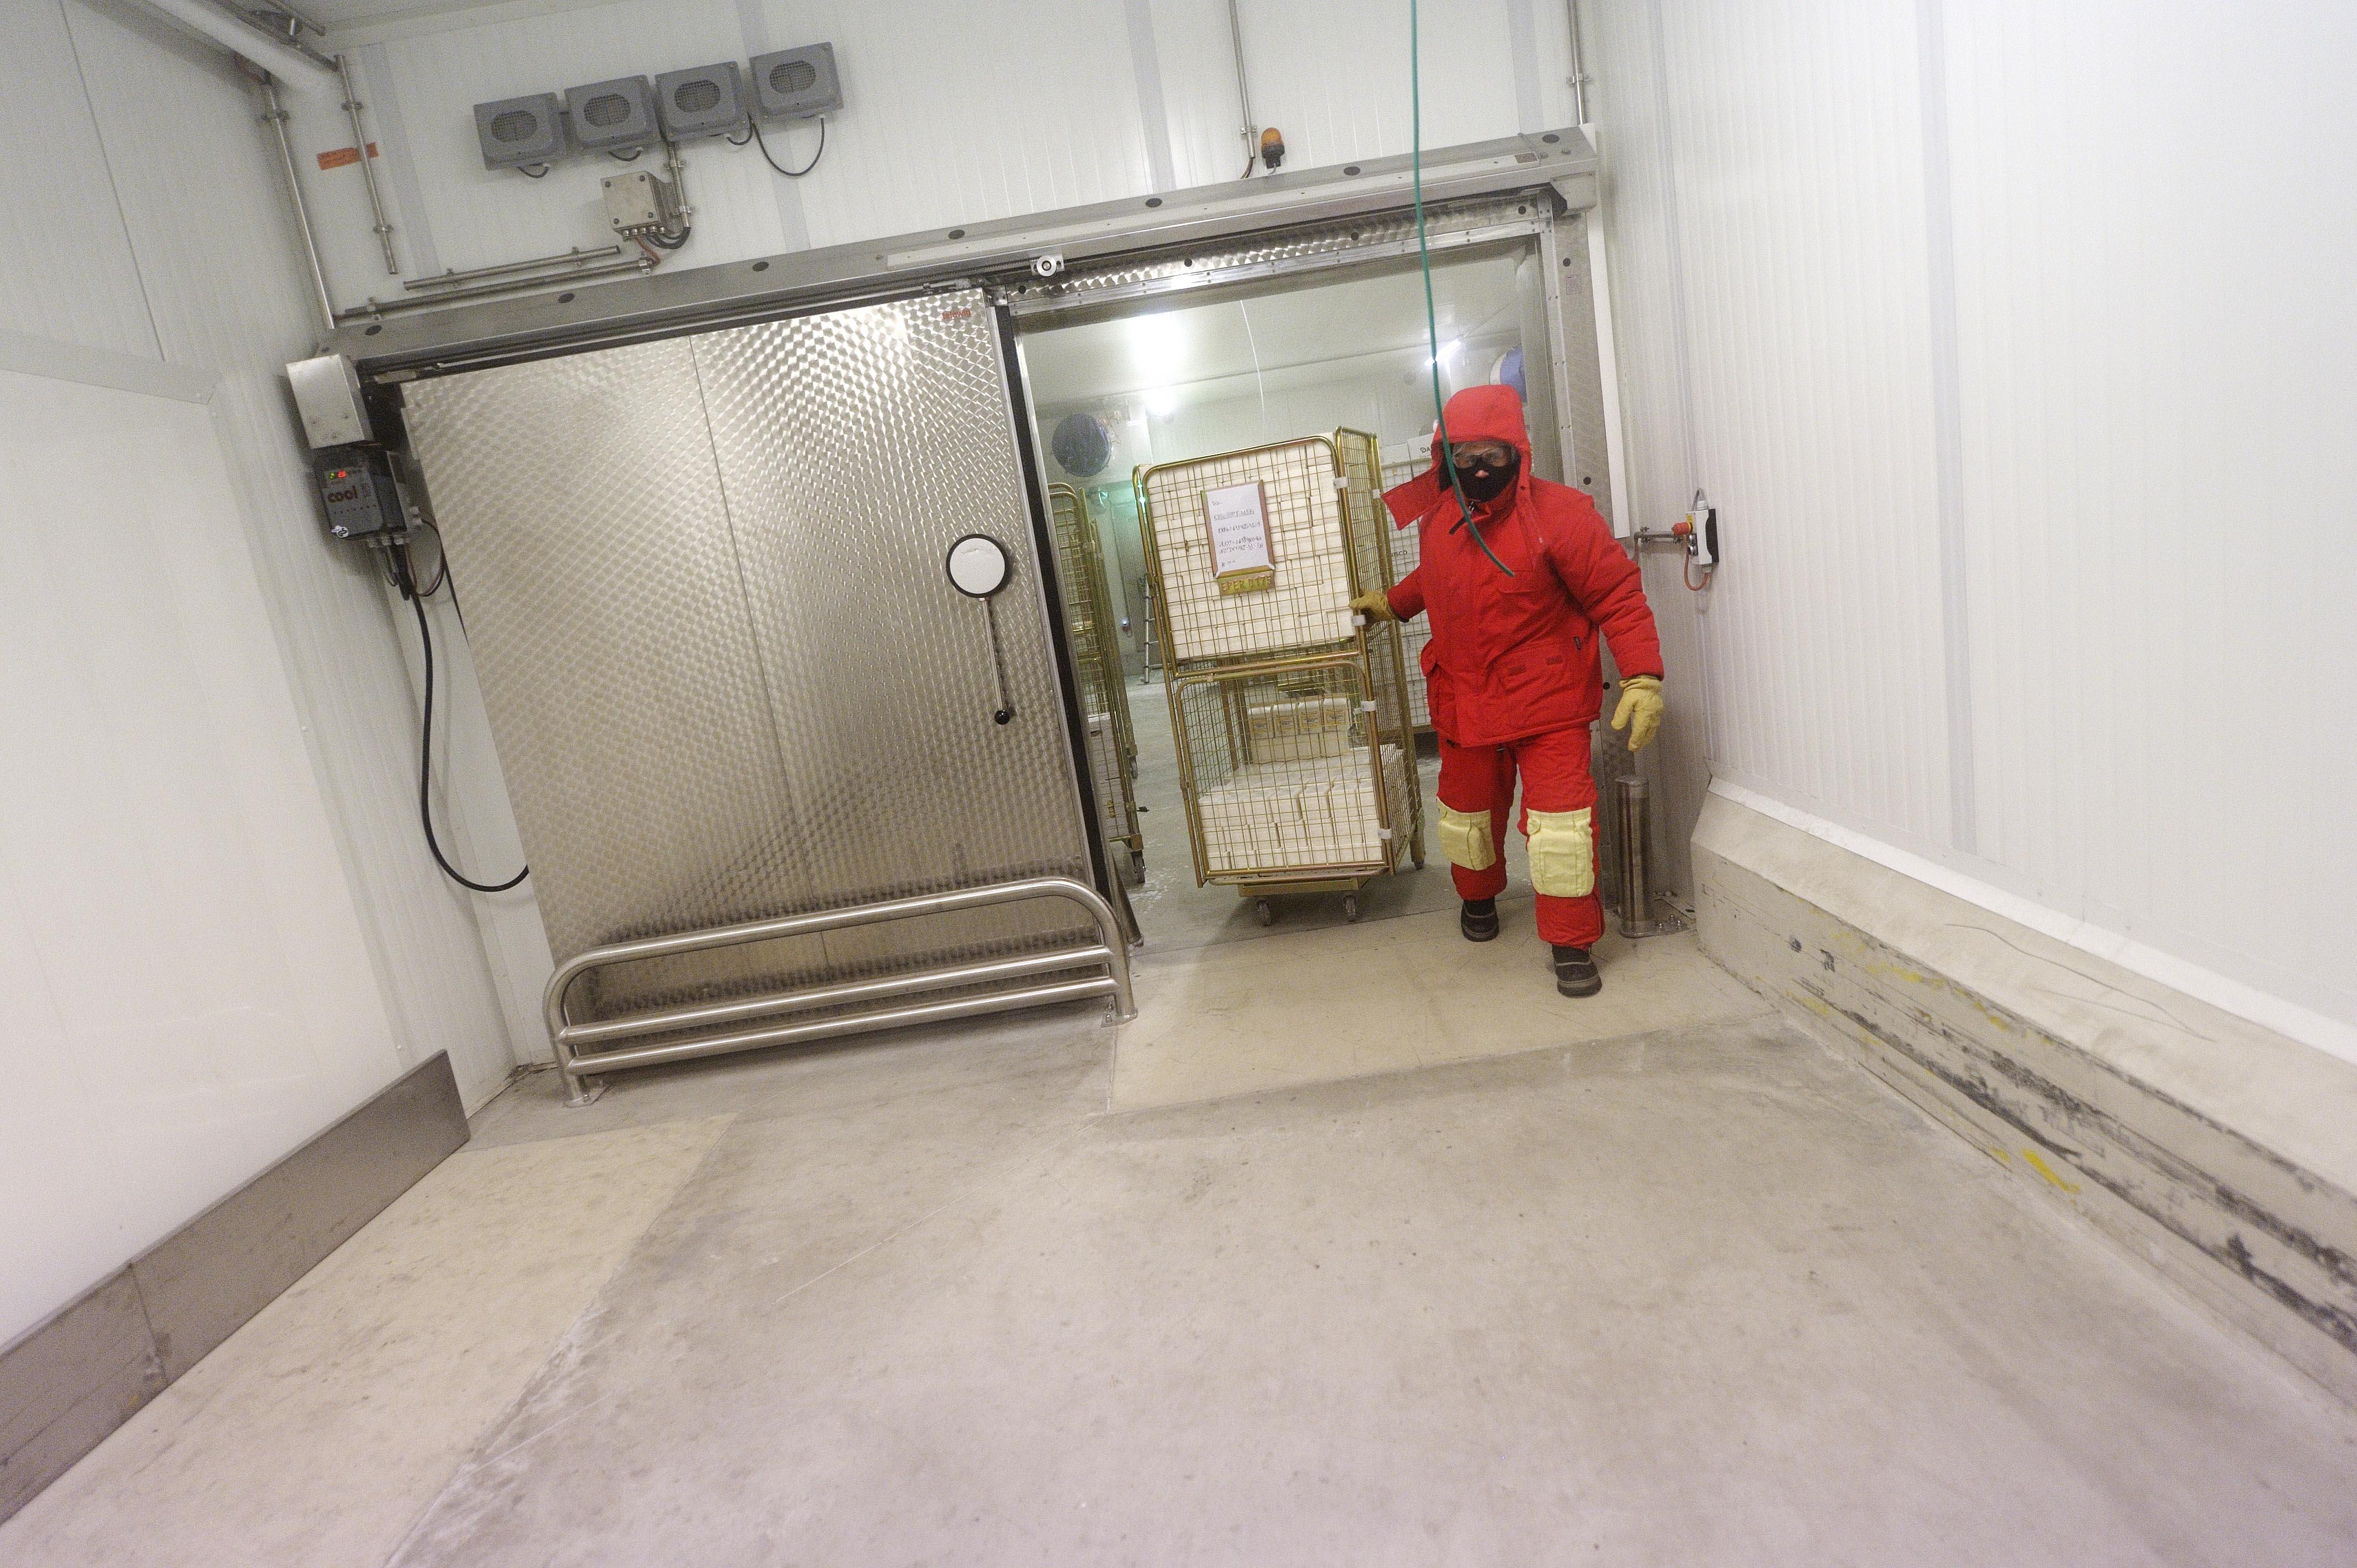 Travail au froid pr venir les risques risques inrs for Bilan thermique chambre froide gratuit